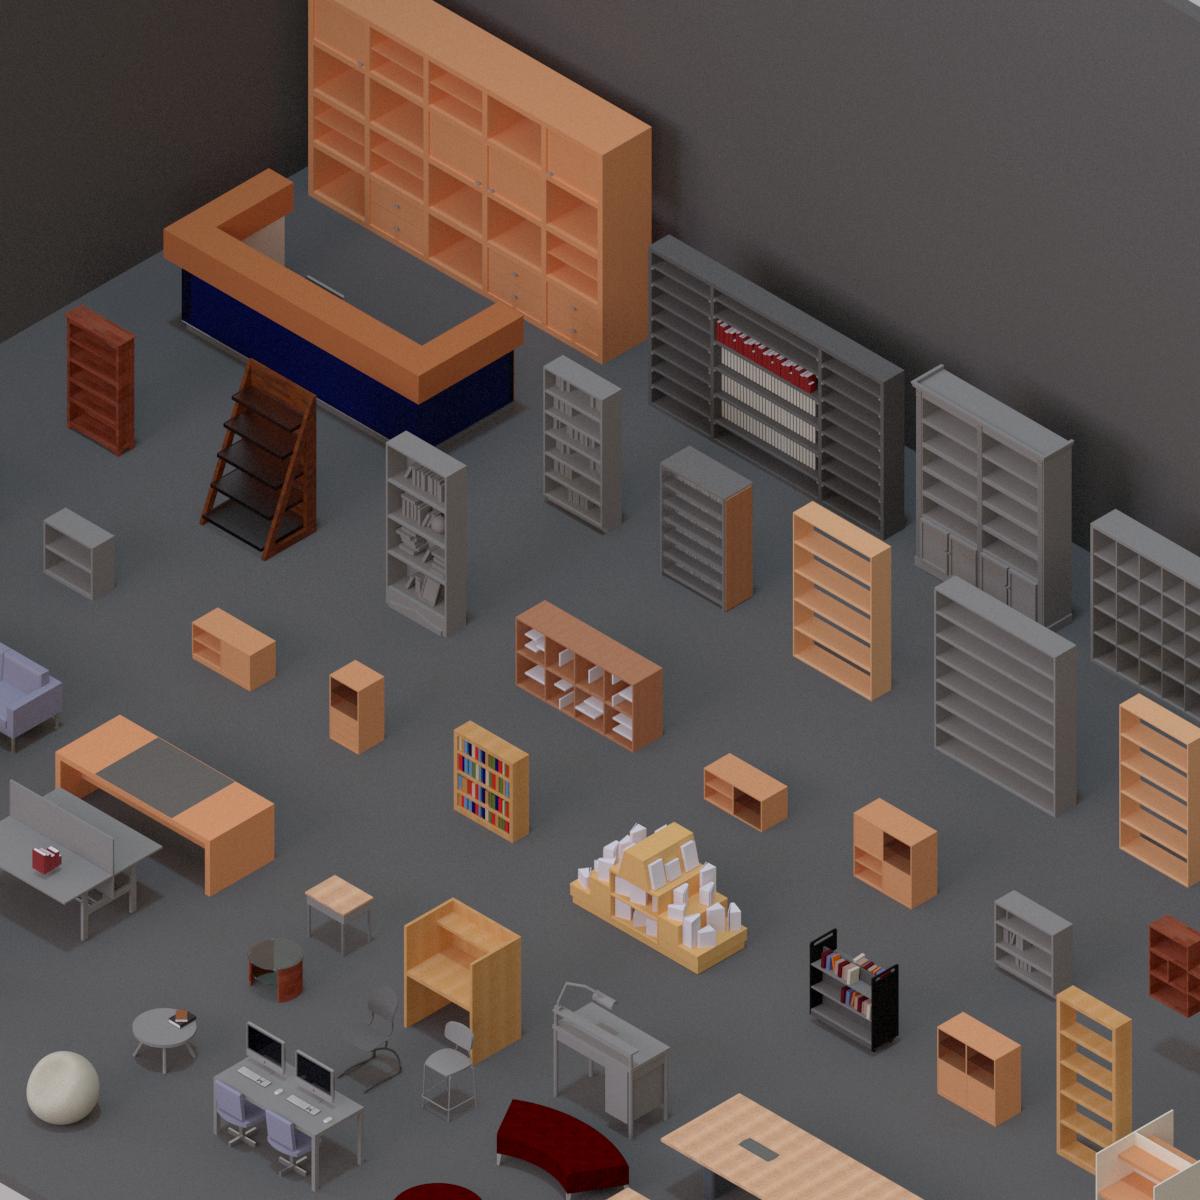 Colección de Mobiliario Biblioteca en BIM